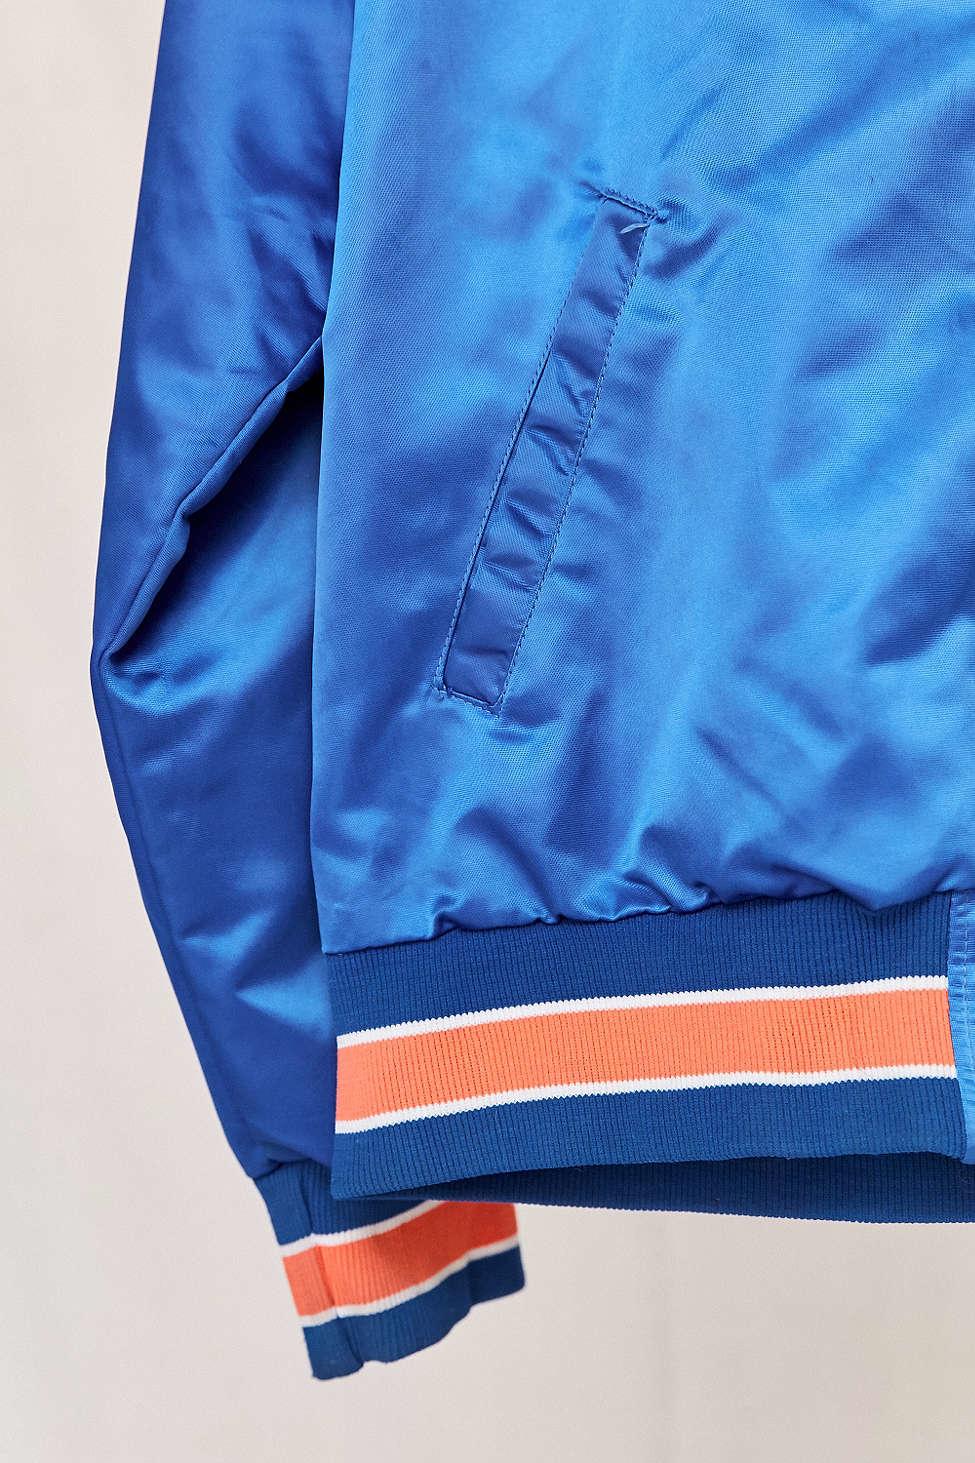 Urban Renewal Vintage New York Mets Bomber Jacket For Men